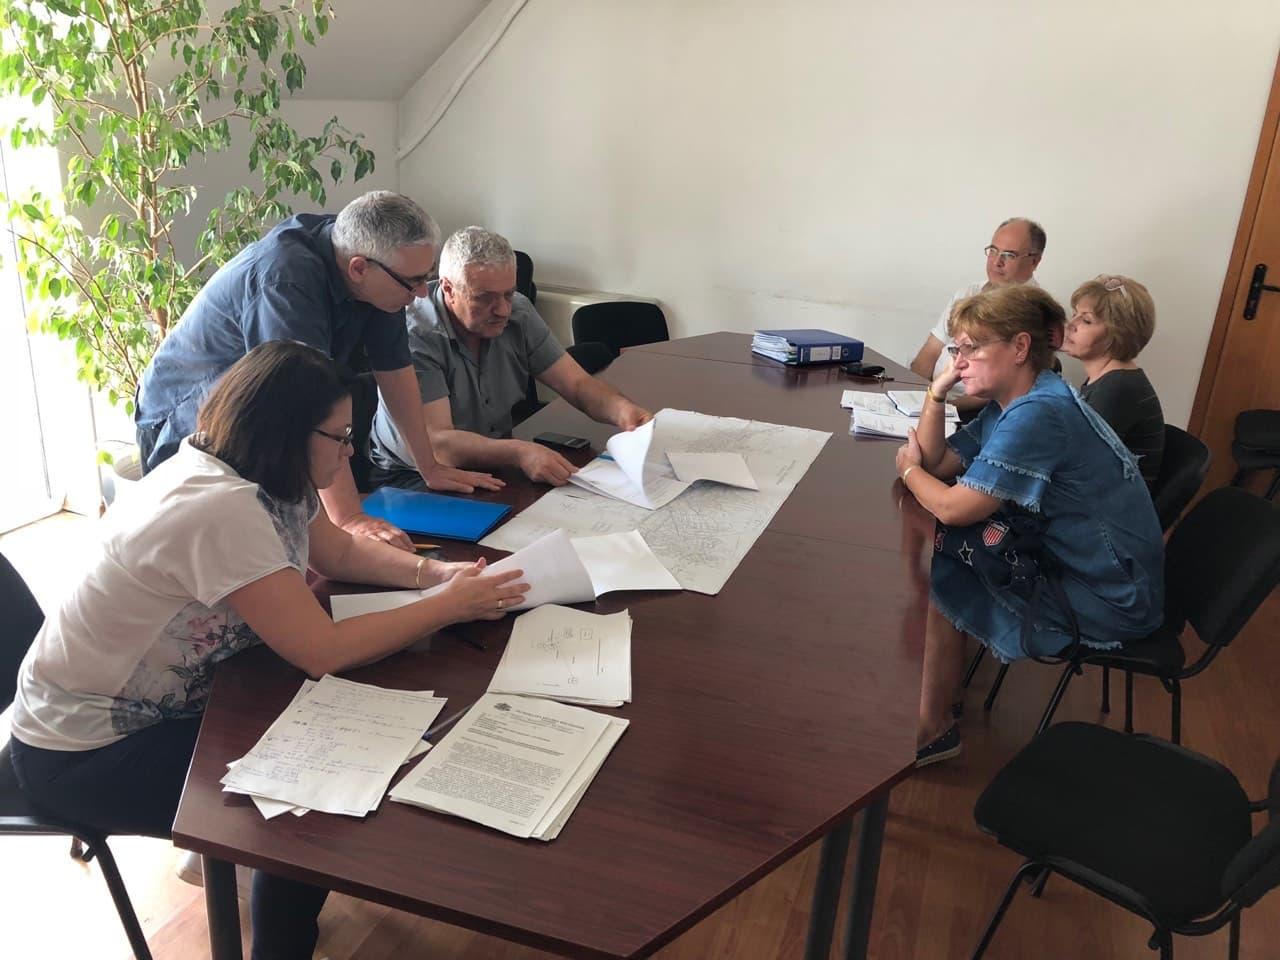 Кметът д-р Коев с поредна стъпка за решаване на проблема  с водоподаването